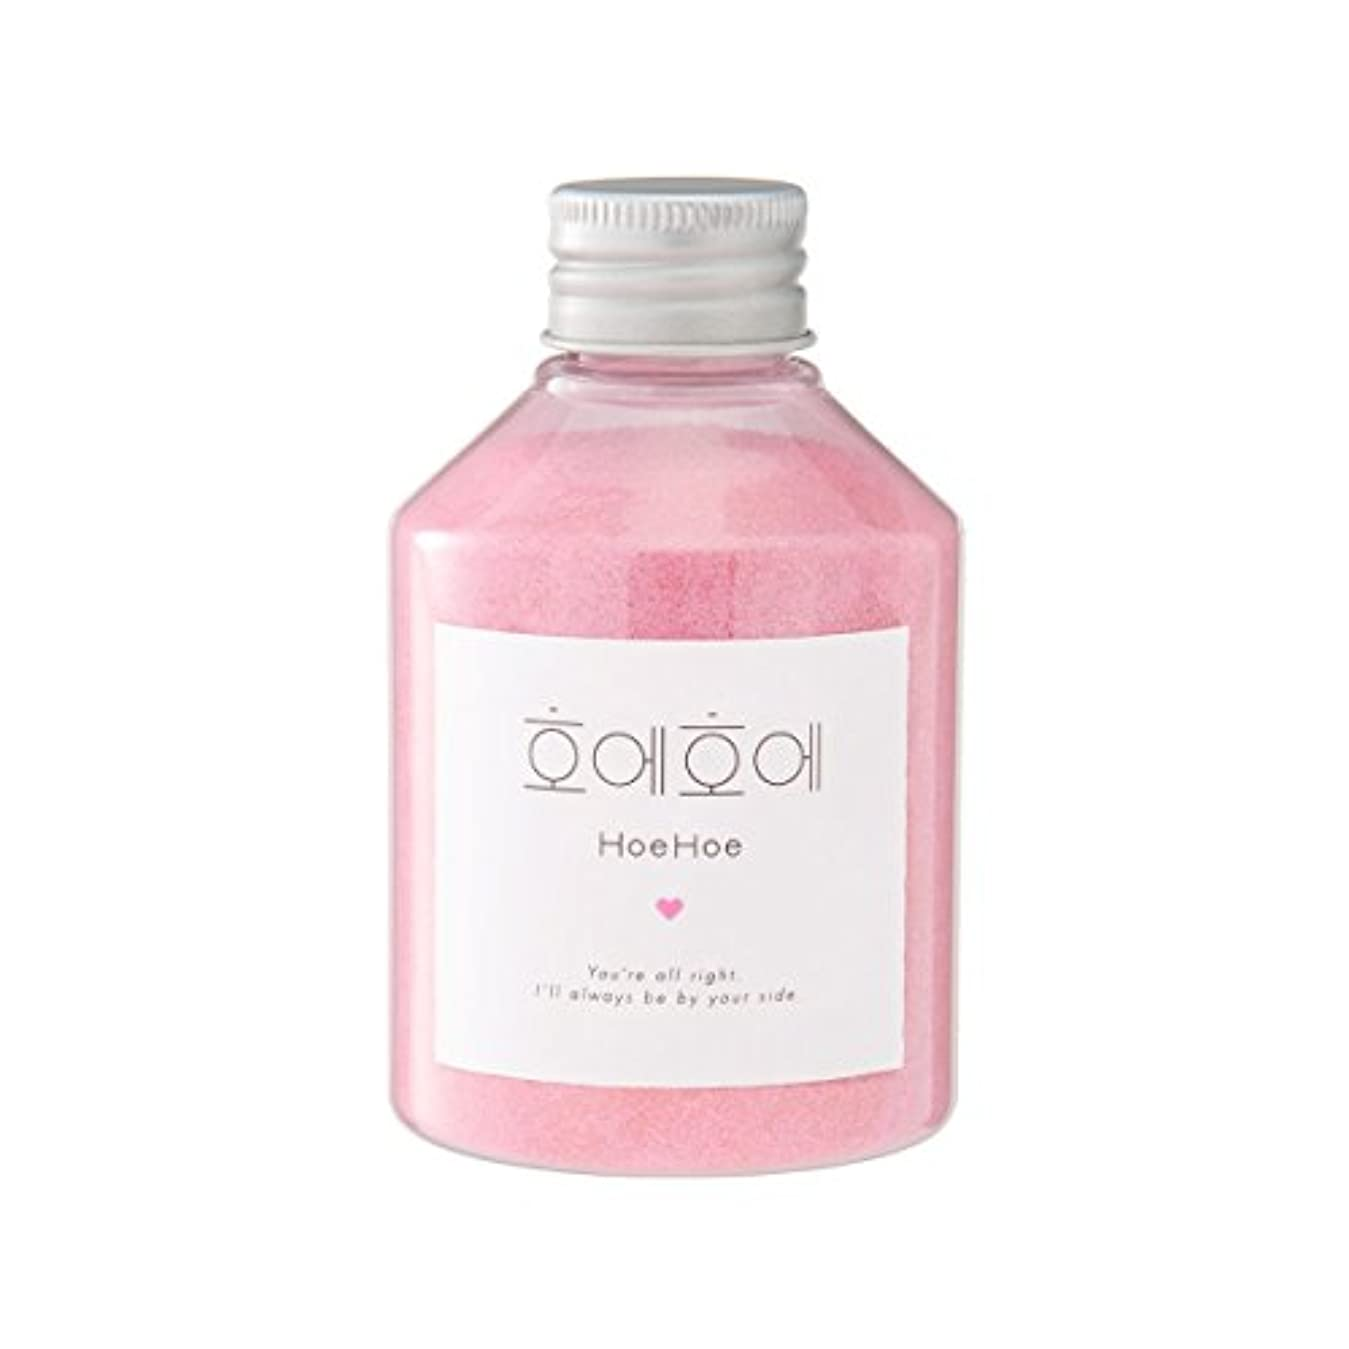 HoeHoe Bath Powder ローズの香り ホエホエ バスパウダー